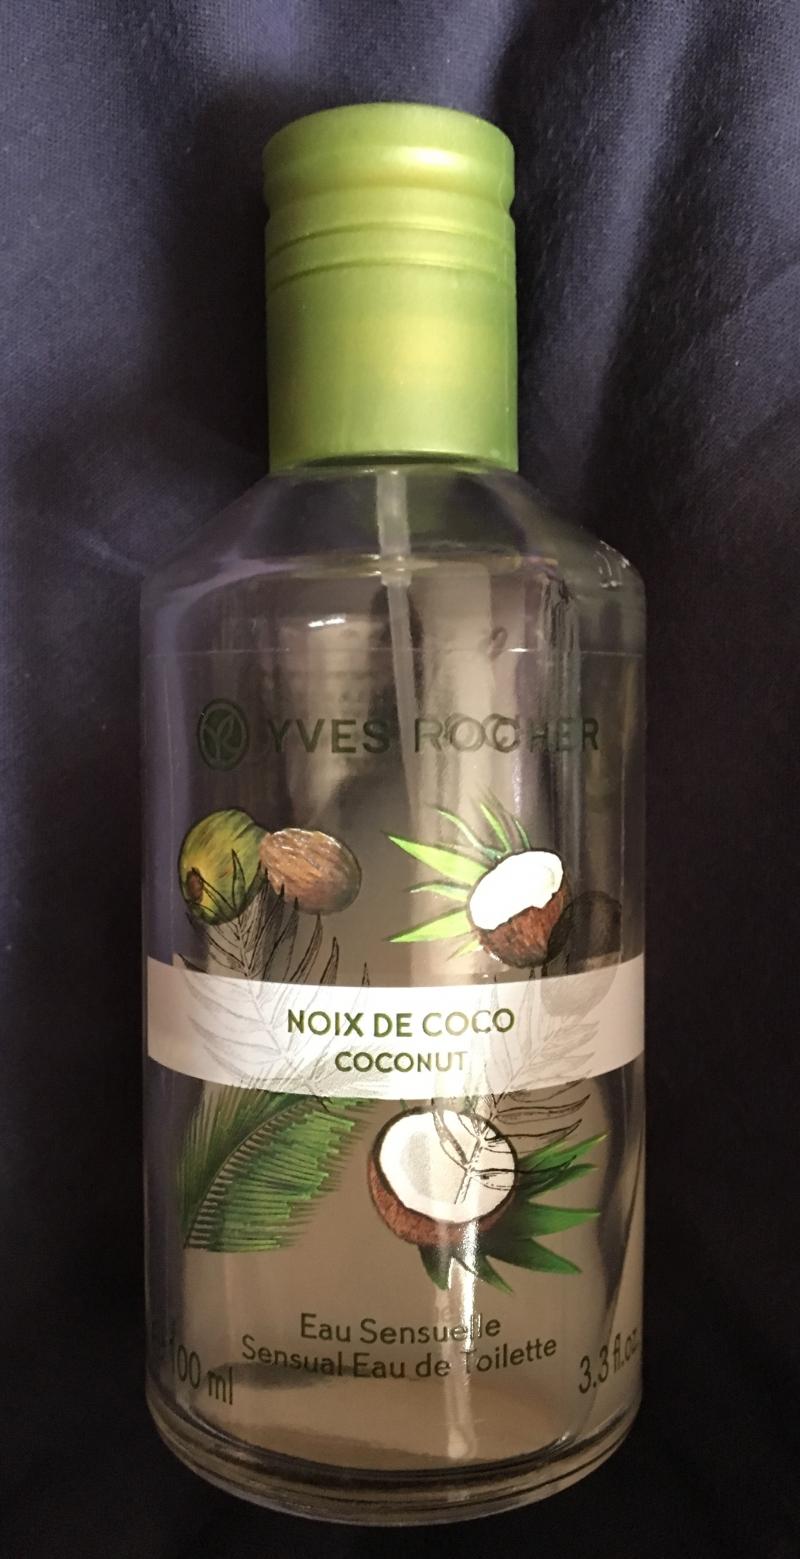 Swatch Eau de Toilette Noix de Coco de Malaisie 100ml - Les Plaisirs Nature, Yves Rocher